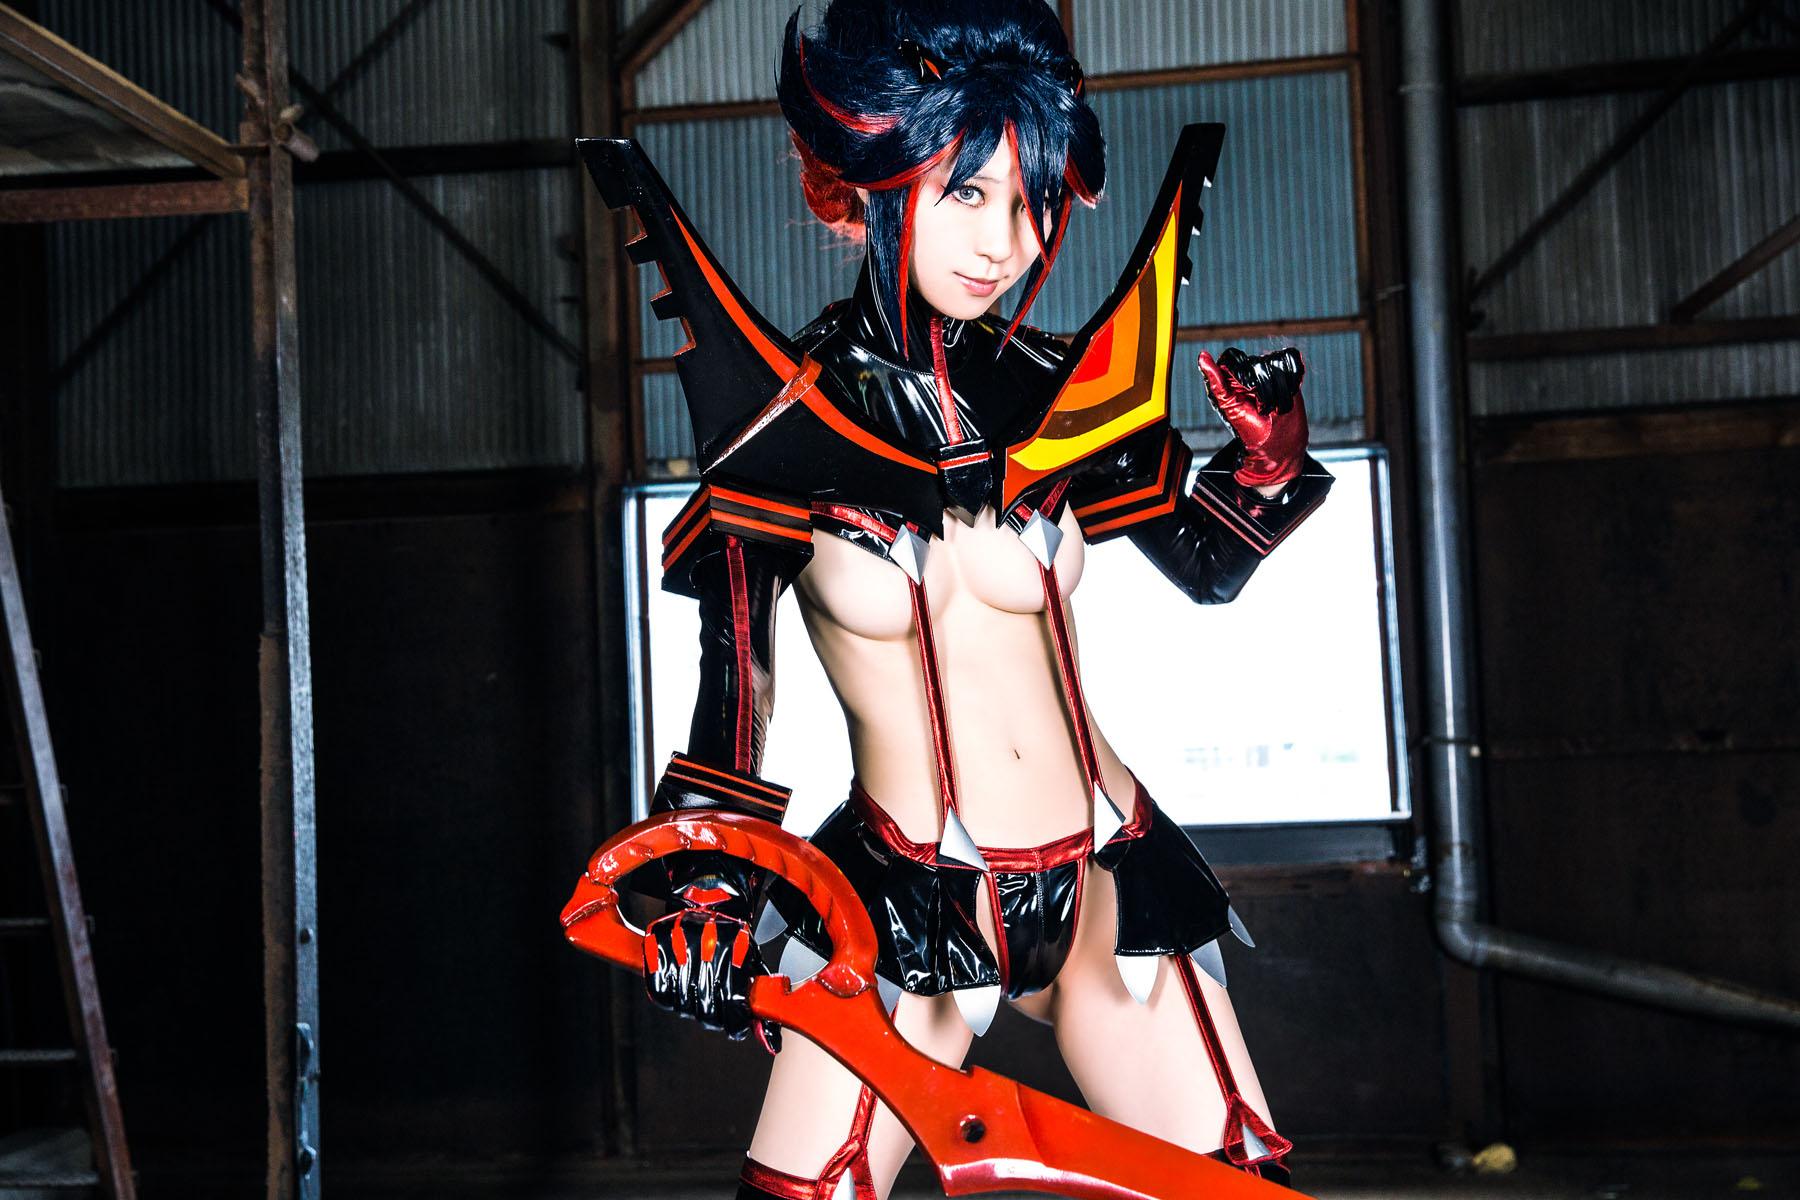 Kill la Kill Ryuuko Matoi anime cosplay by Mikehouse 0012